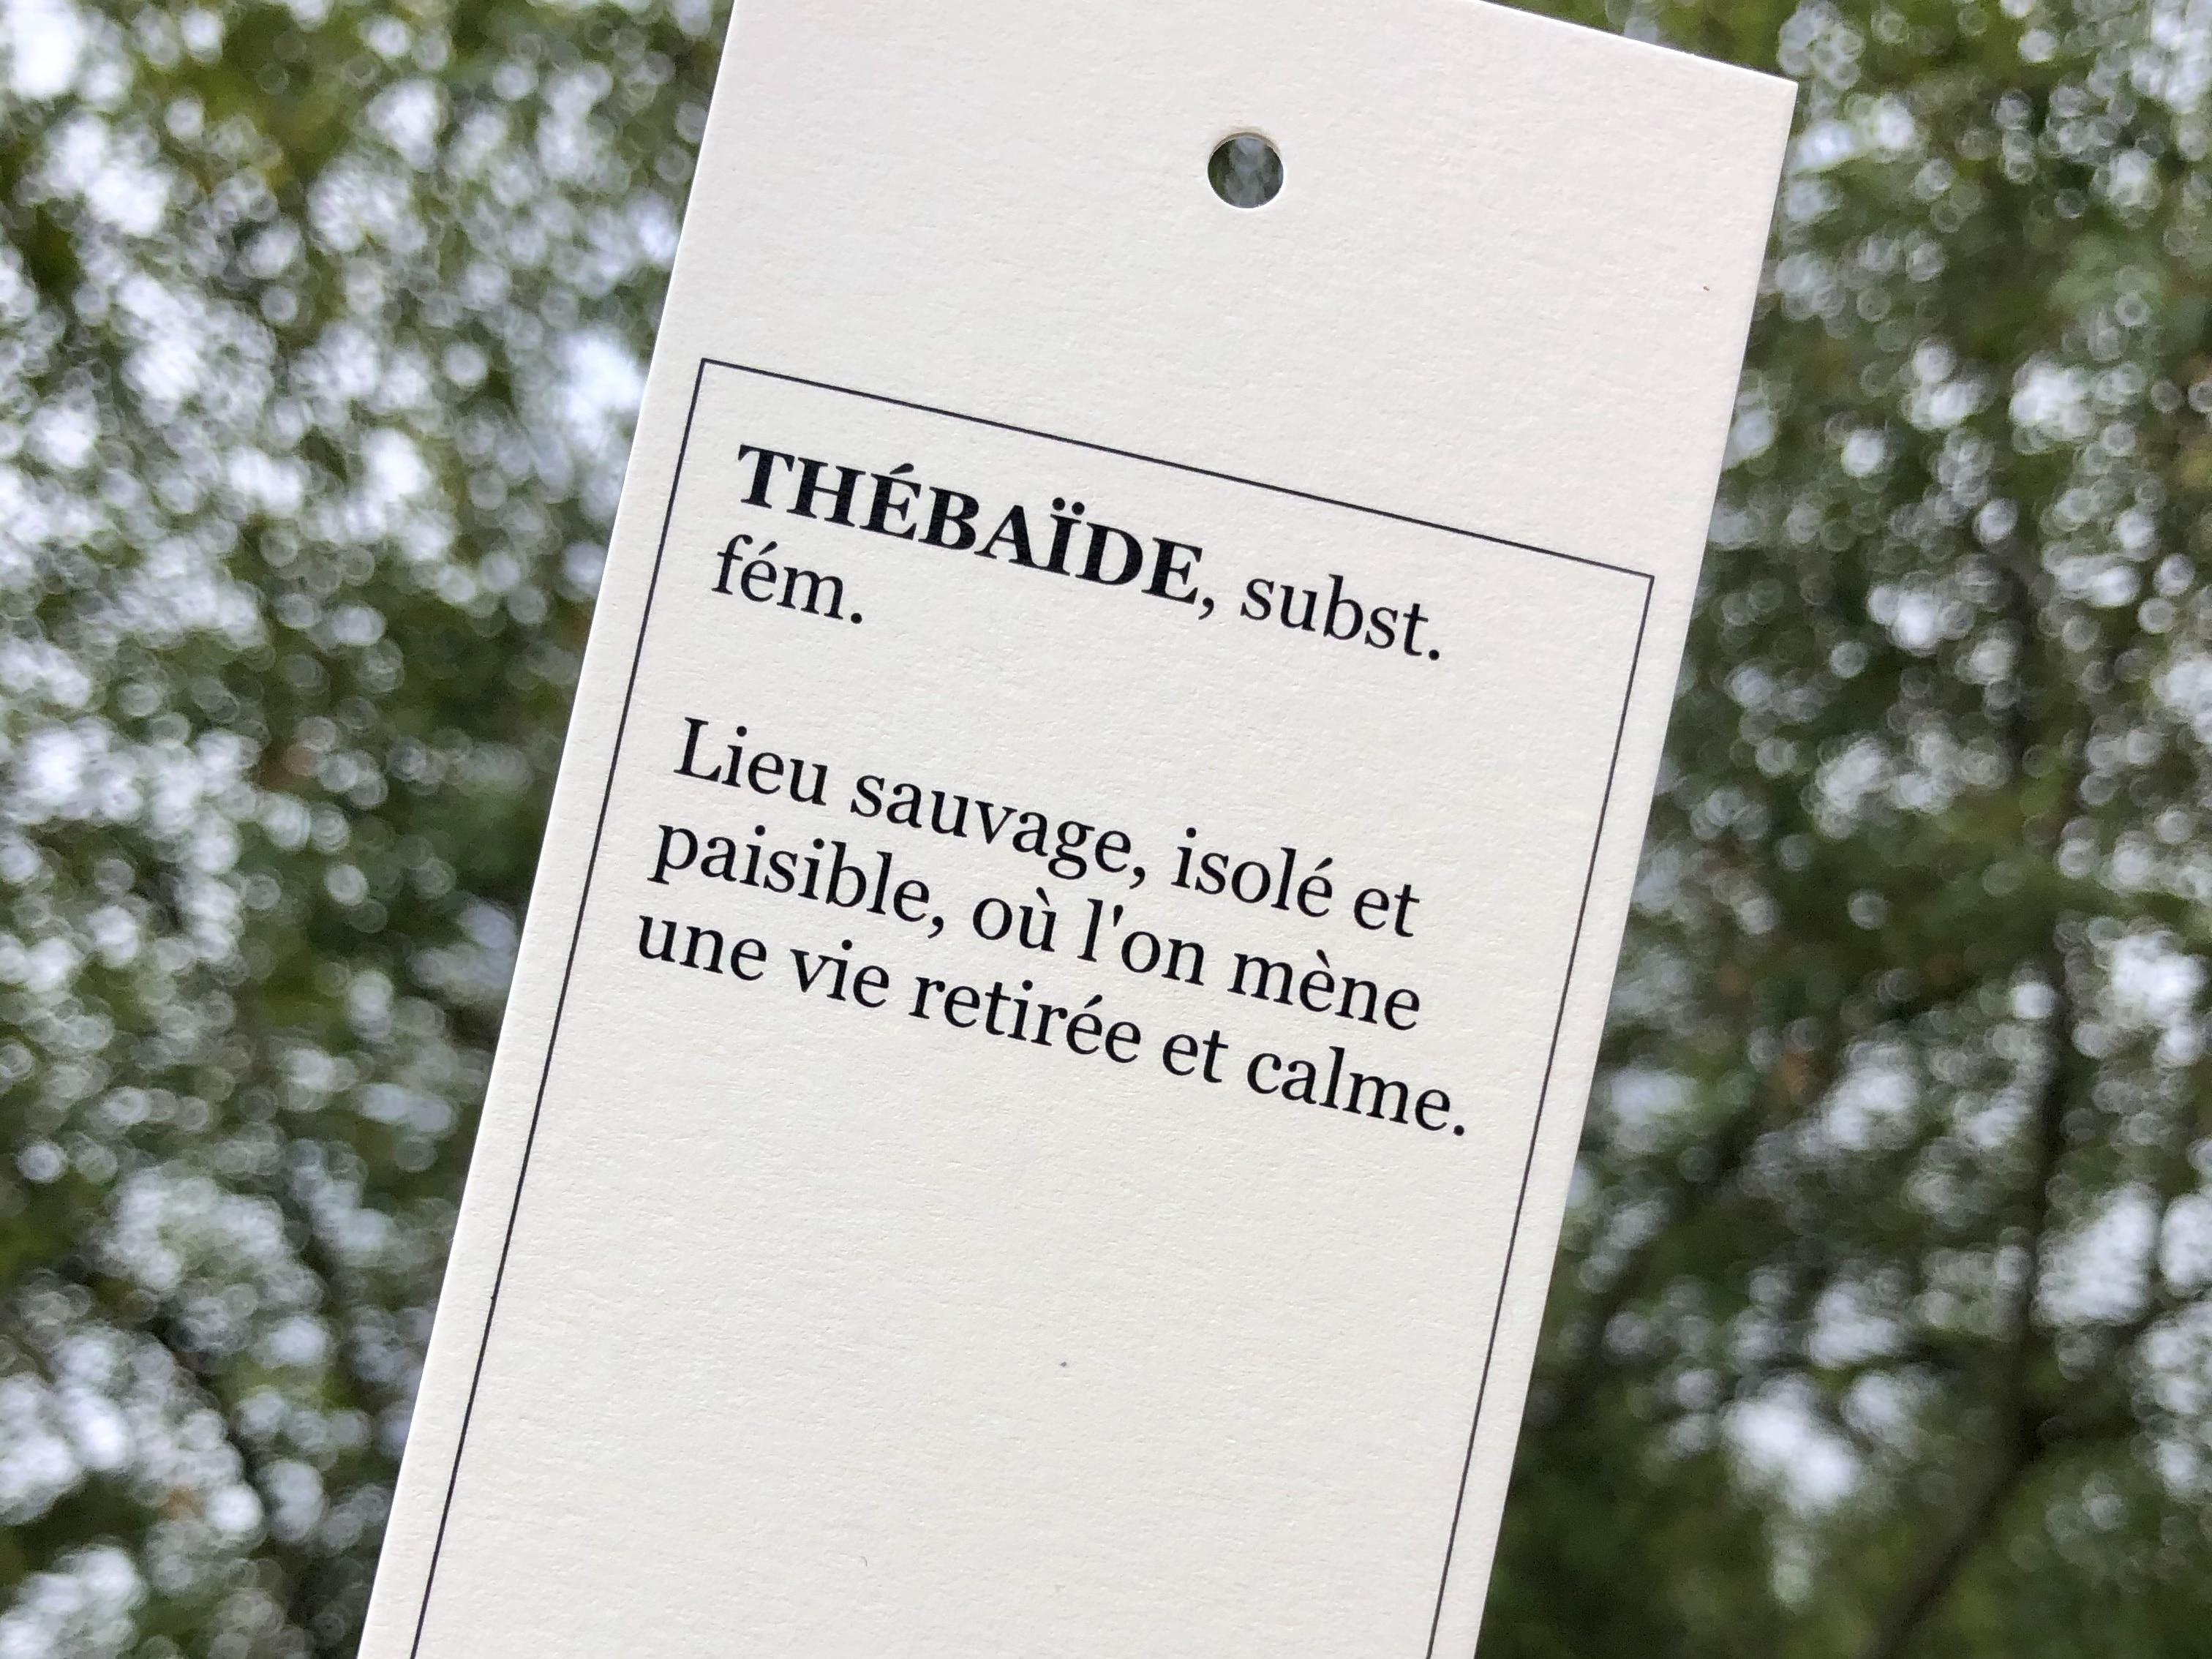 Etiquette-définition-Thébaïde